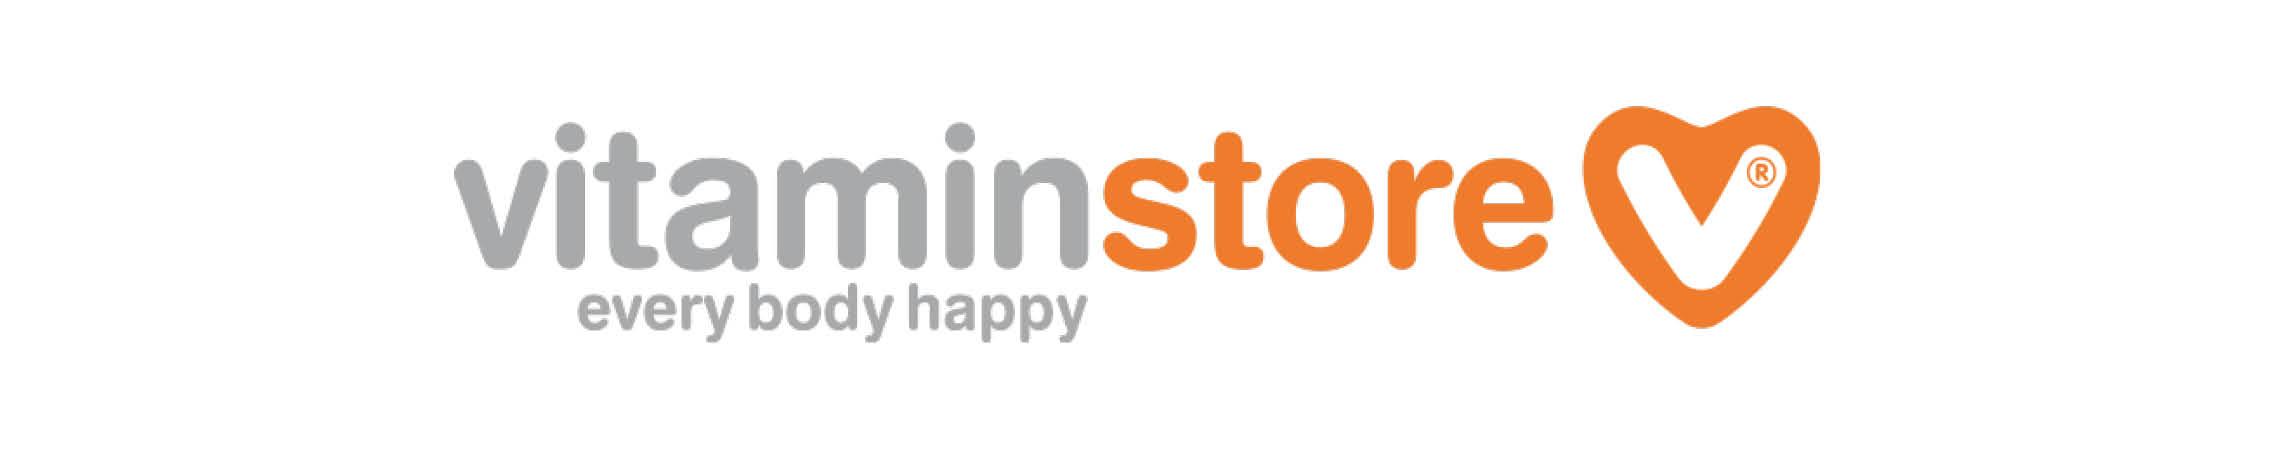 2019-CC-VitaminStore